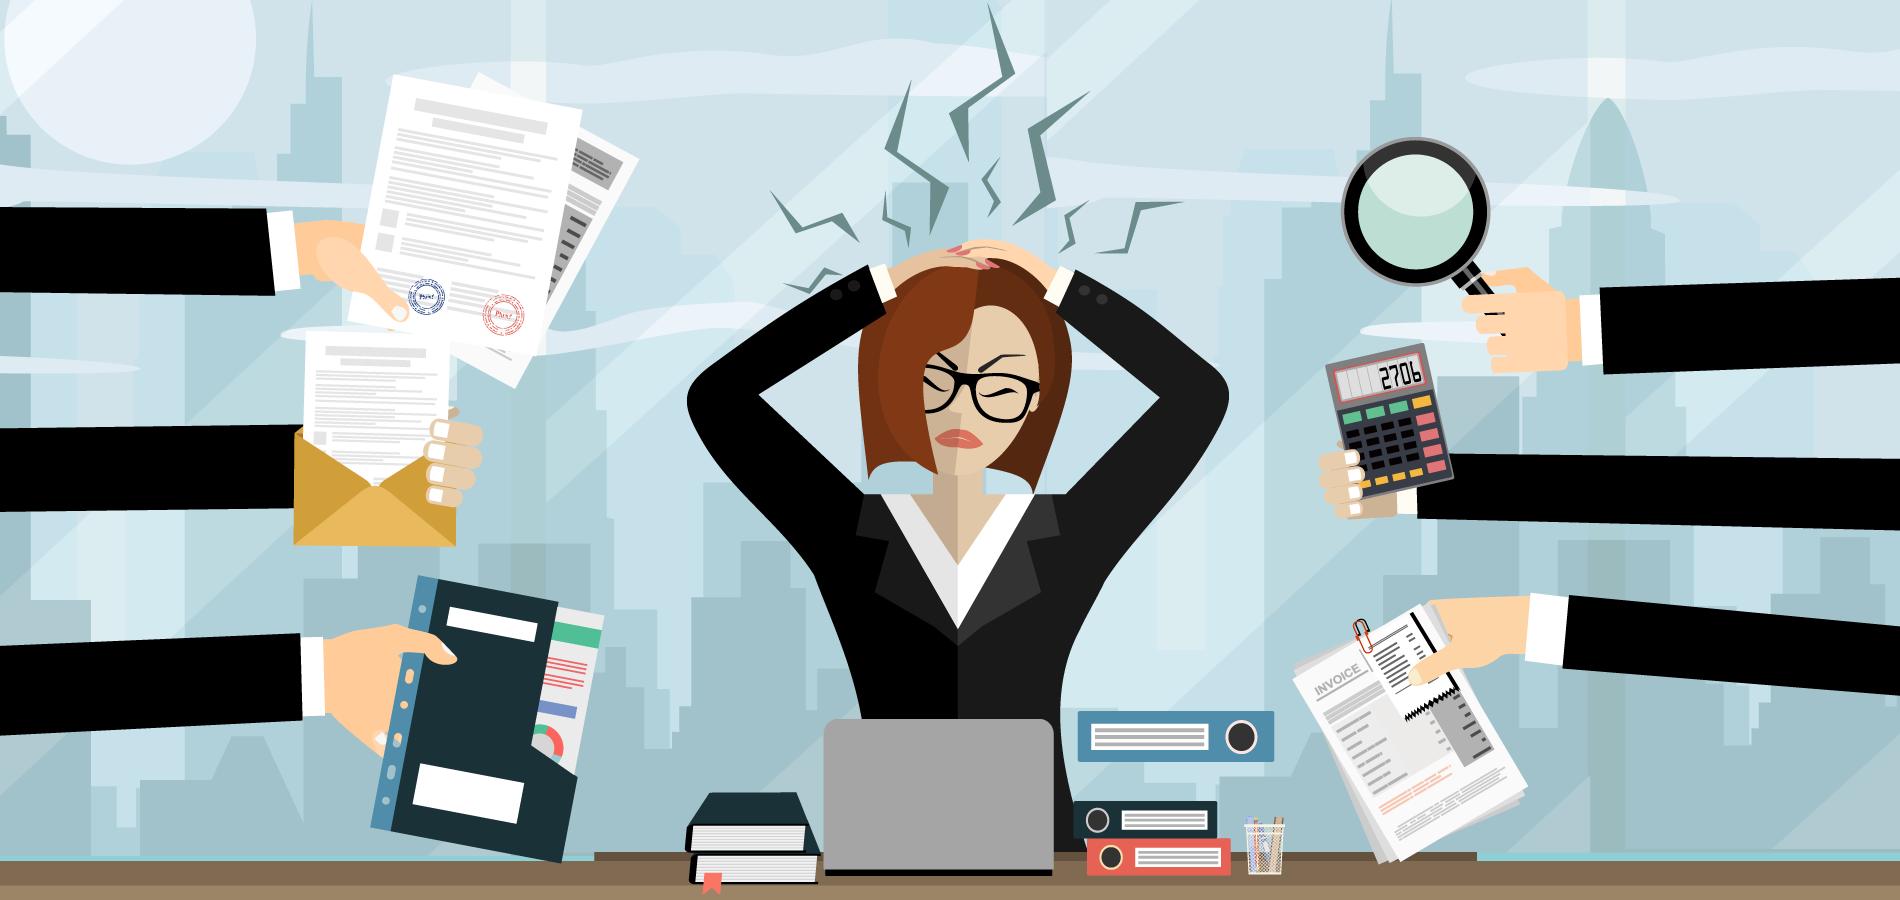 Bị stress là gì? Dấu hiệu nhận biết và cách khắc phục